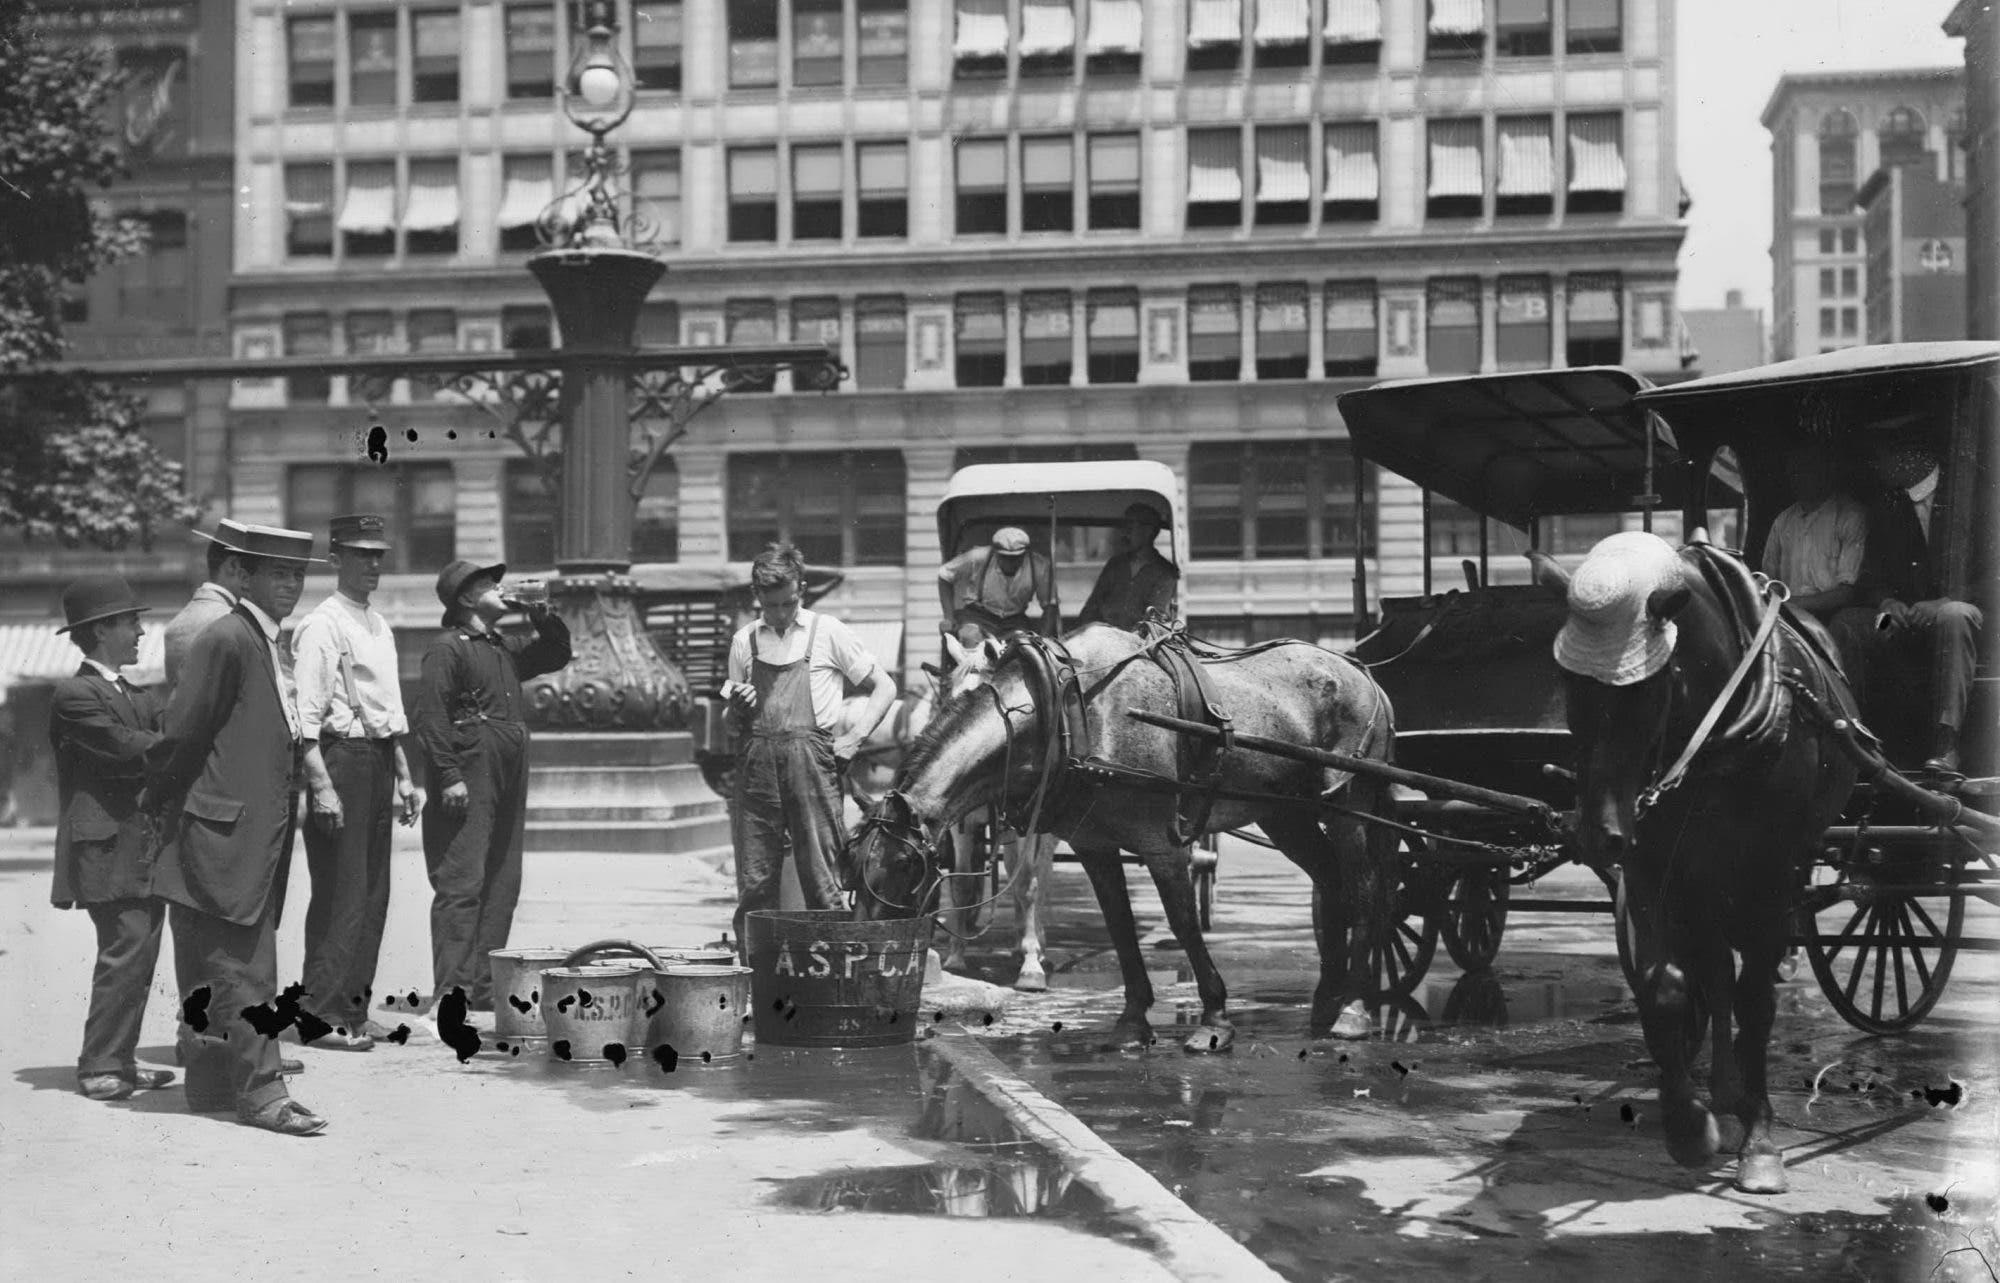 صورة لعدد من العمال وهم بصدد تقديم المياه لأحصنتهم لمجابهة موجة الحر لعام 1911